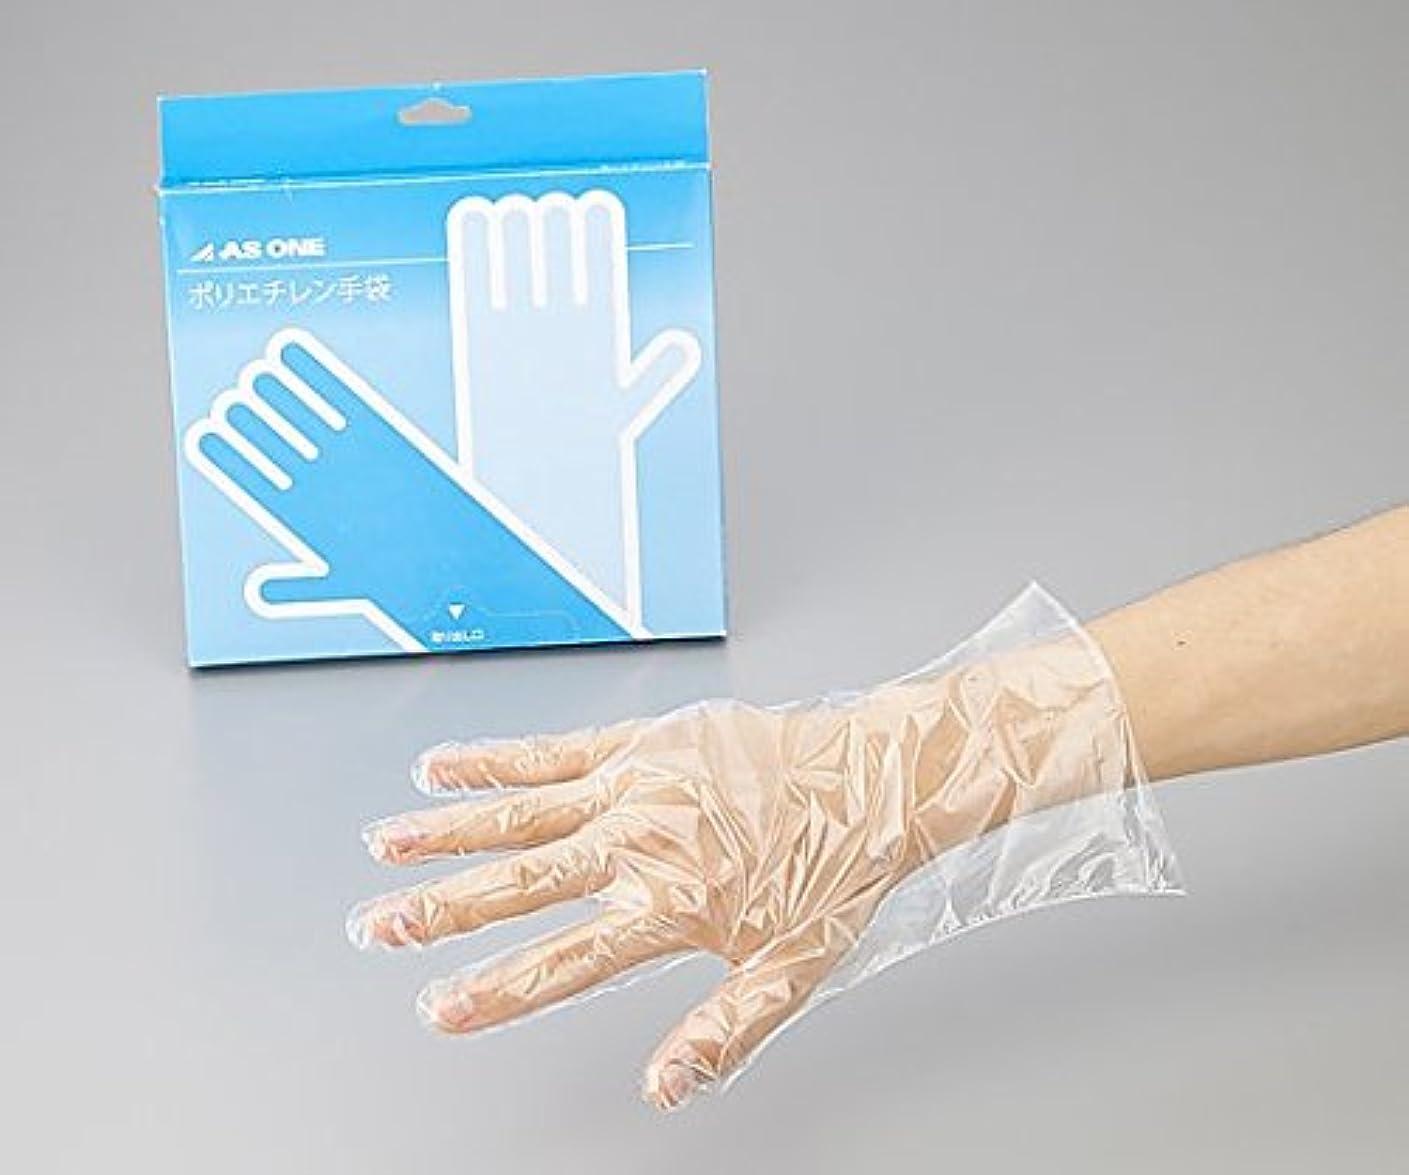 裁定オーバーヘッド獲物アズワン2-4973-03ポリエチレン手袋スタンダード標準厚S100枚入